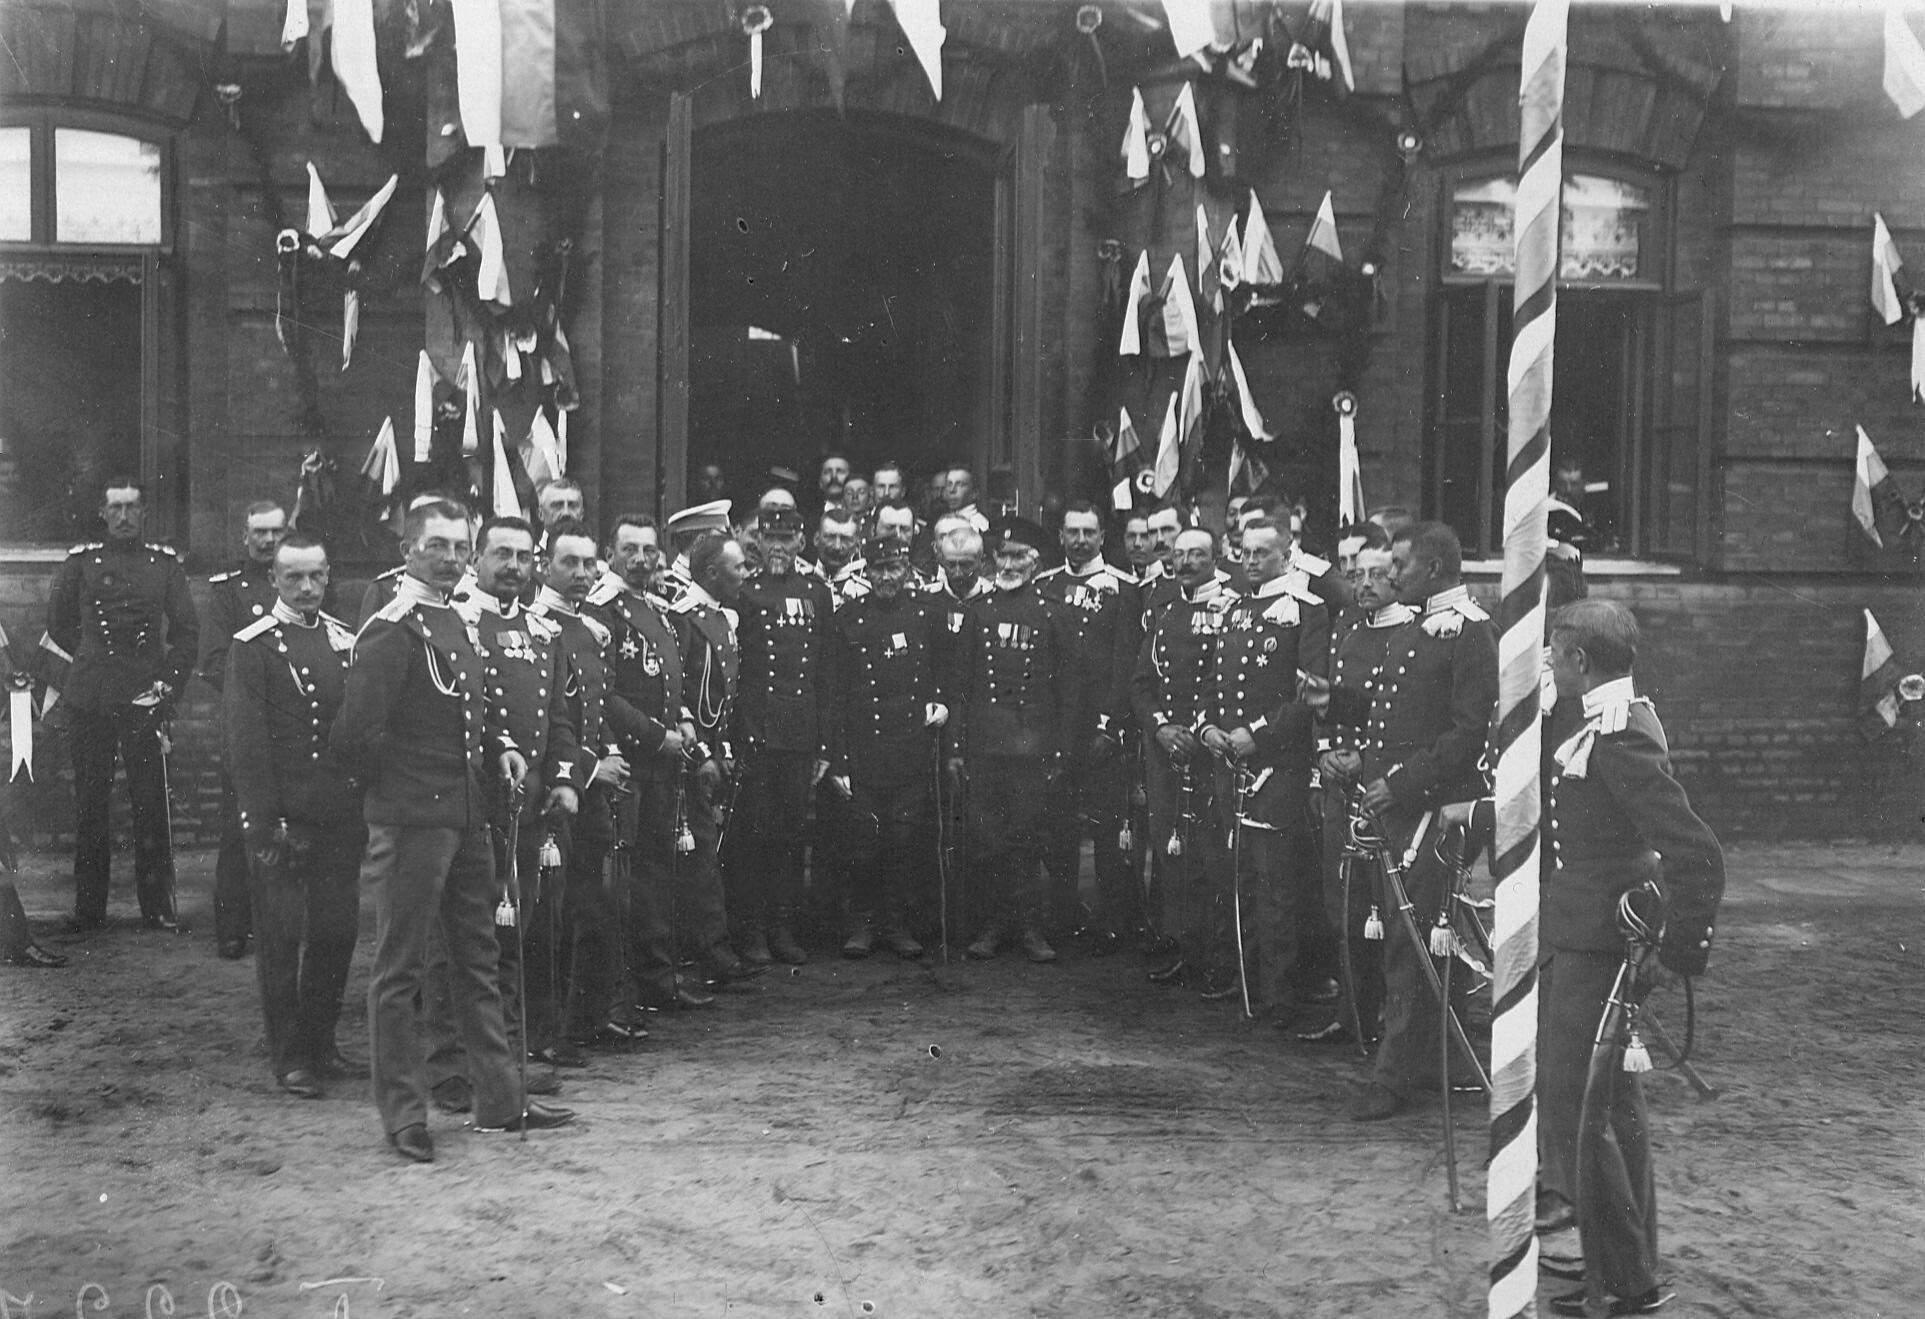 Офицеры полка с ветеранами полка, службы 1877-1878 года в день празднования 250-летнего юбилея полка